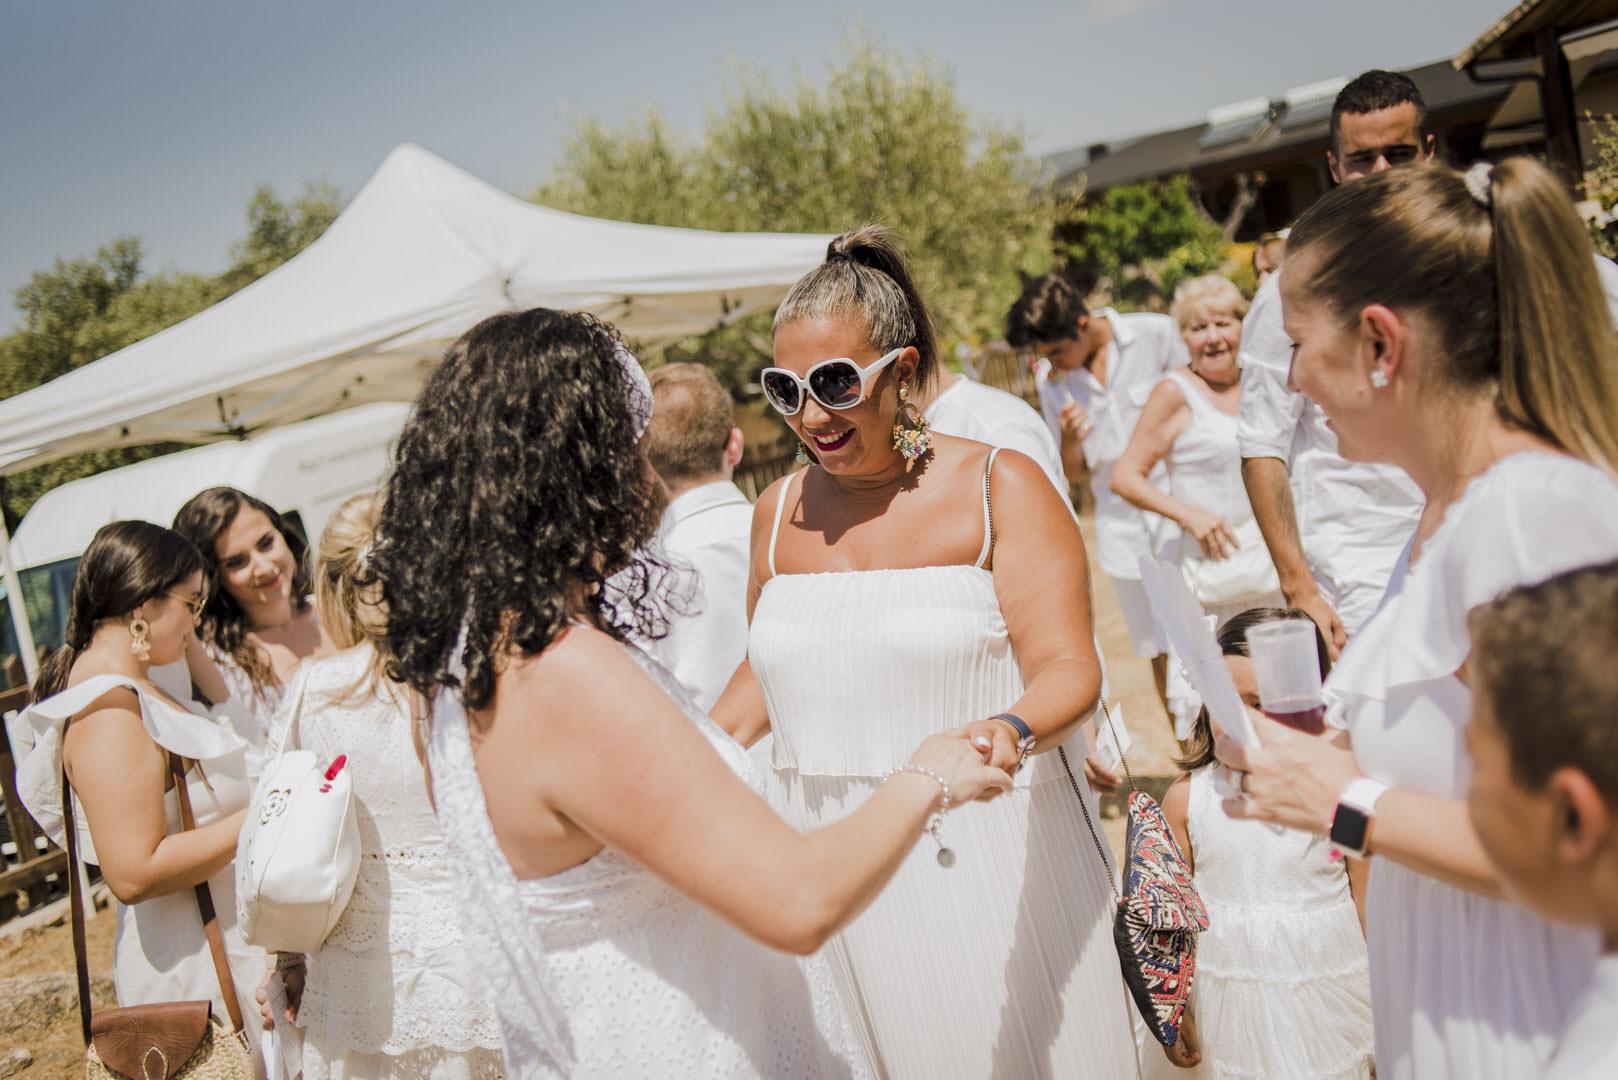 boda Escalona, fotógrafo bodas Toledo, Javier Moraleda, www.javiermoraledafotografia.es